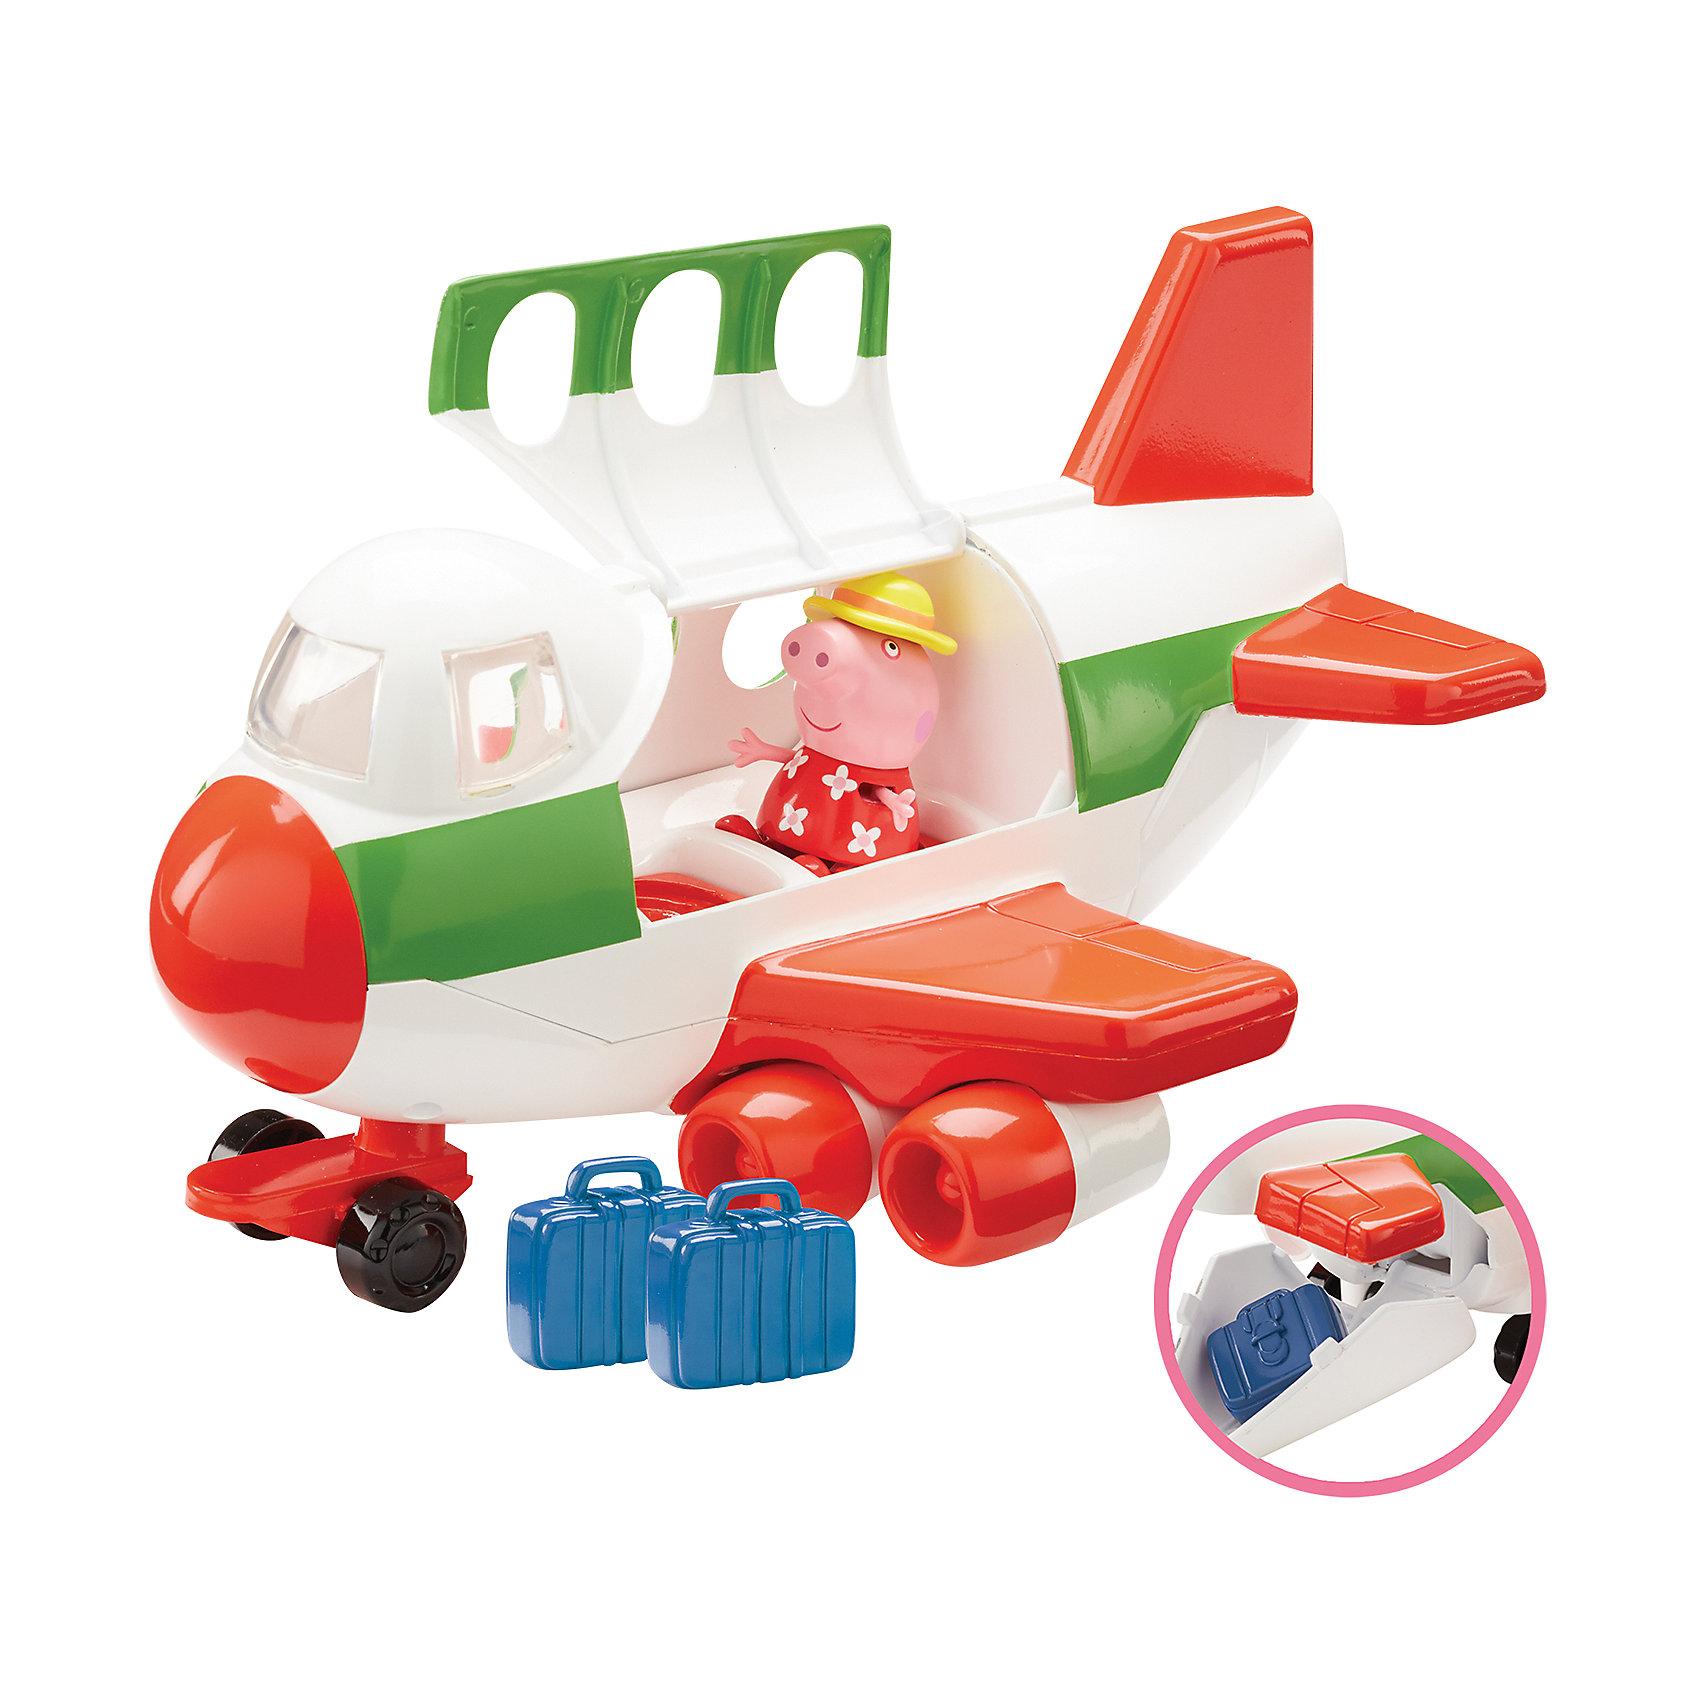 Игровой набор Самолет, Peppa PigИгрушки<br>Игровой набор Самолет, Peppa Pig (Свинка Пеппа).<br><br>Характеристика:<br><br>• Материал: пластик.  <br>• Размер упаковки: 18х20х29 см. <br>• Размер самолета: 24х15,5х13 см.<br>• Размер чемодана: 3,5х1,5х3,3 см.<br>• Высота фигурки Свинки Пеппы: 5,5 см.<br>• Комплектация: фигурка Свинки Пеппы в шляпке, самолет, 2 чемодана. <br>• Голова, руки, ноги фигурки подвижные. <br>• Кабина самолета открывается. <br><br>Очаровательная Пеппа отправляется в путешествие! Хочешь присоединиться к ней? Тогда скорее запрыгивай в кабину, клади свой чемодан в багажное отделение и выбирай маршрут. В наборе есть все необходимое для увлекательной поездки и отличного отдыха! <br>Собери все наборы Peppa Pig, проигрывай любимые моменты из мультфильмов или придумывай свои забавные истории!<br>Все детали набора изготовлены из высококачественных нетоксичных материалов безопасных для детей.<br><br>Игровой набор Самолет, Peppa Pig (Свинка Пеппа) можно купить в нашем интернет-магазине.<br><br>Ширина мм: 290<br>Глубина мм: 195<br>Высота мм: 180<br>Вес г: 691<br>Возраст от месяцев: 36<br>Возраст до месяцев: 2147483647<br>Пол: Унисекс<br>Возраст: Детский<br>SKU: 5211674